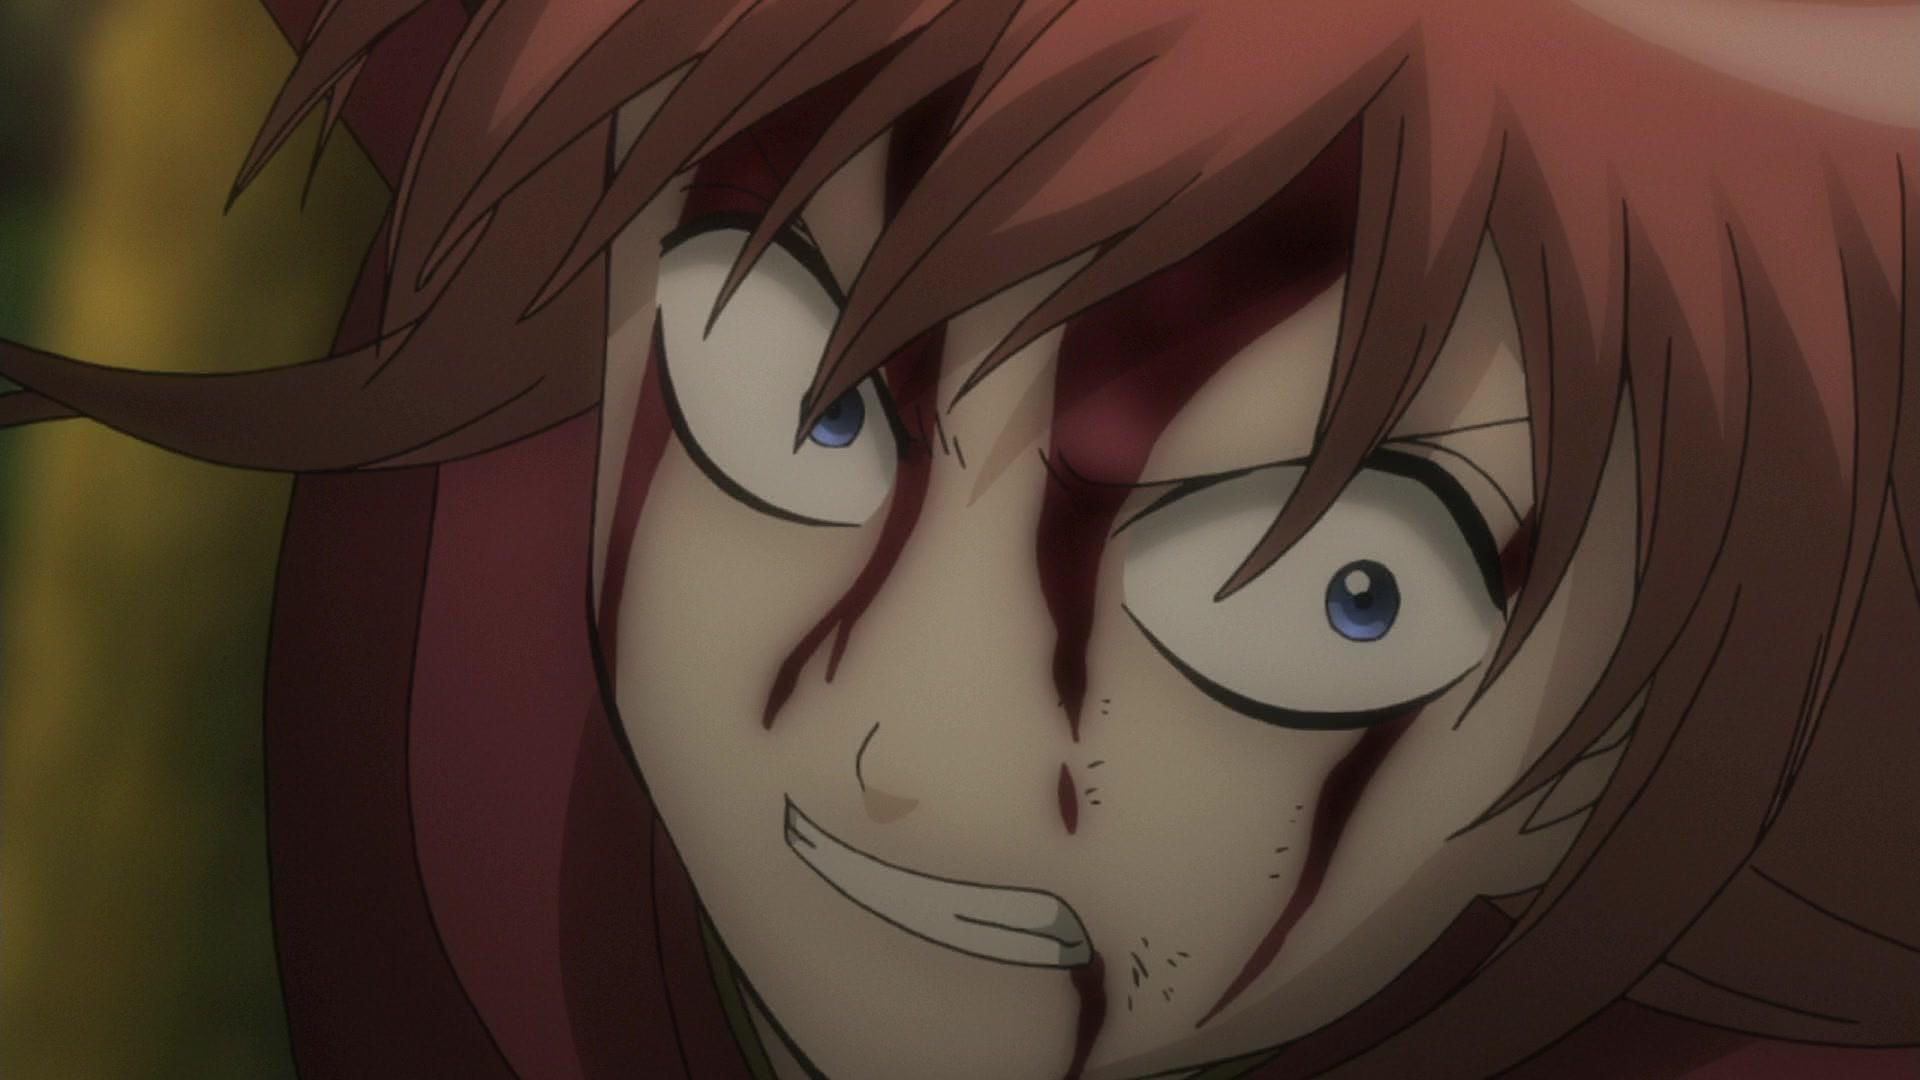 Gintama Season 3 (Eps 266-316) Episode 306, Shogun